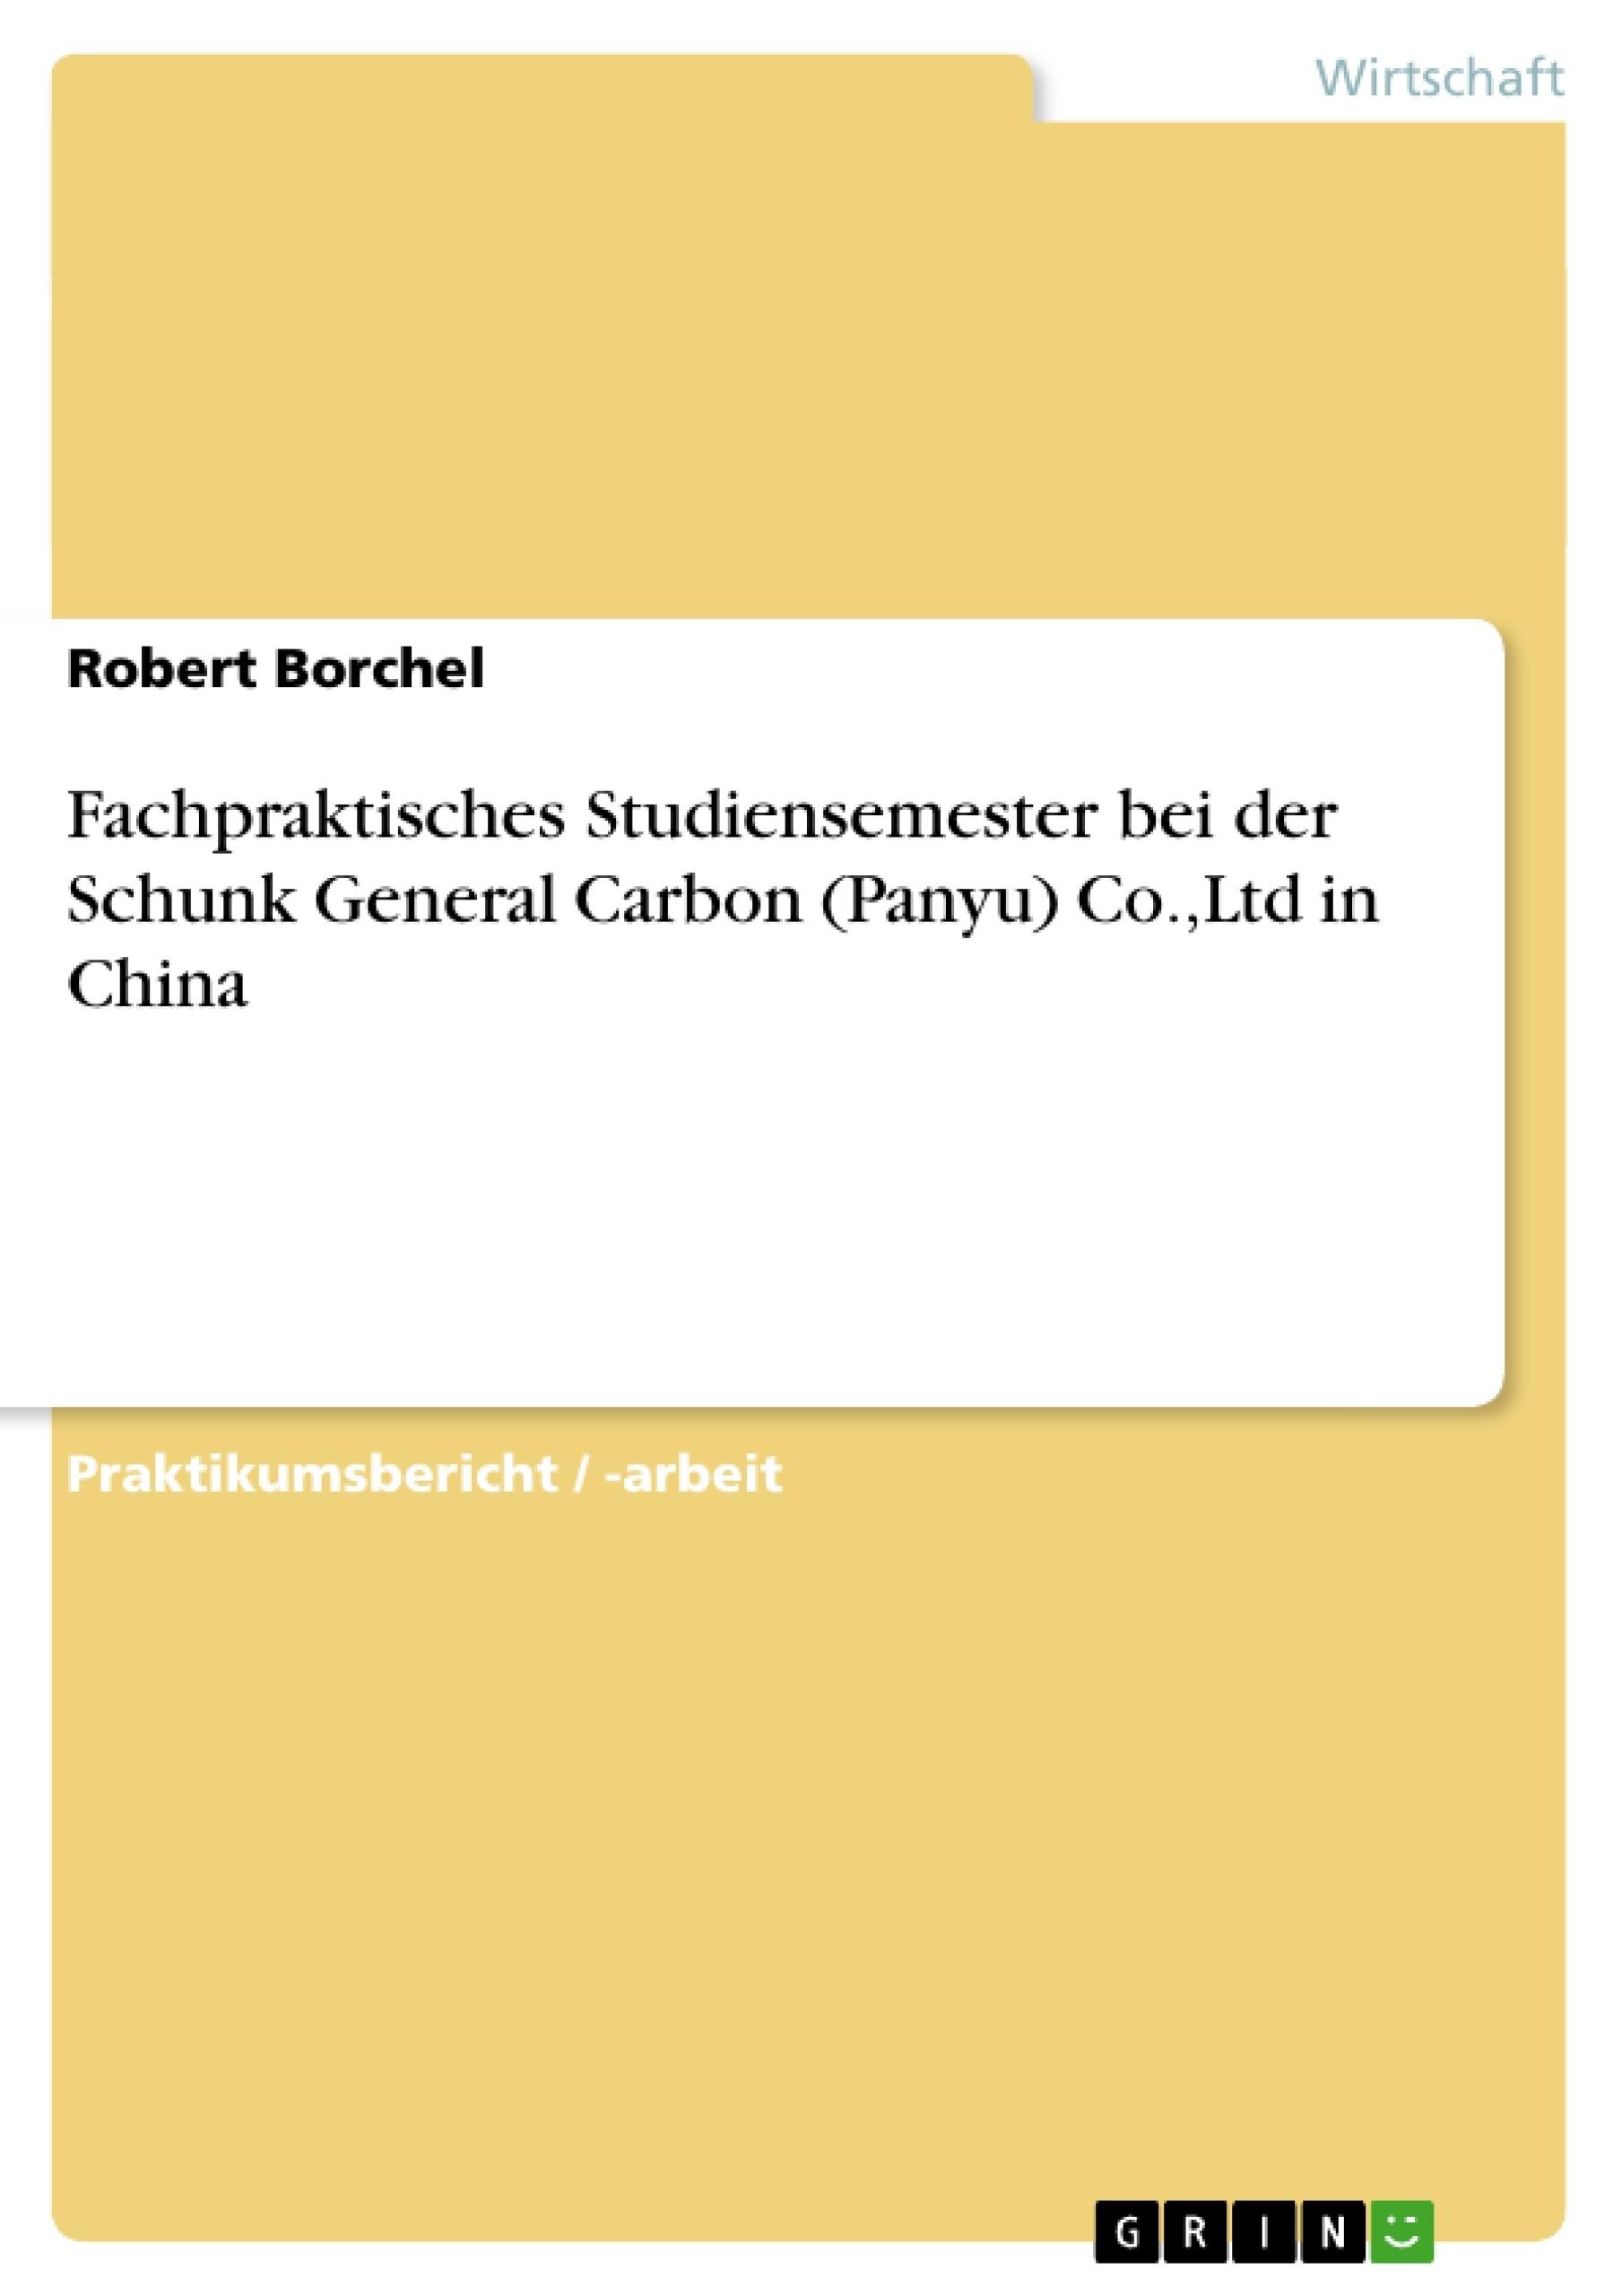 Titel: Fachpraktisches Studiensemester bei der Schunk General Carbon (Panyu) Co.,Ltd in China